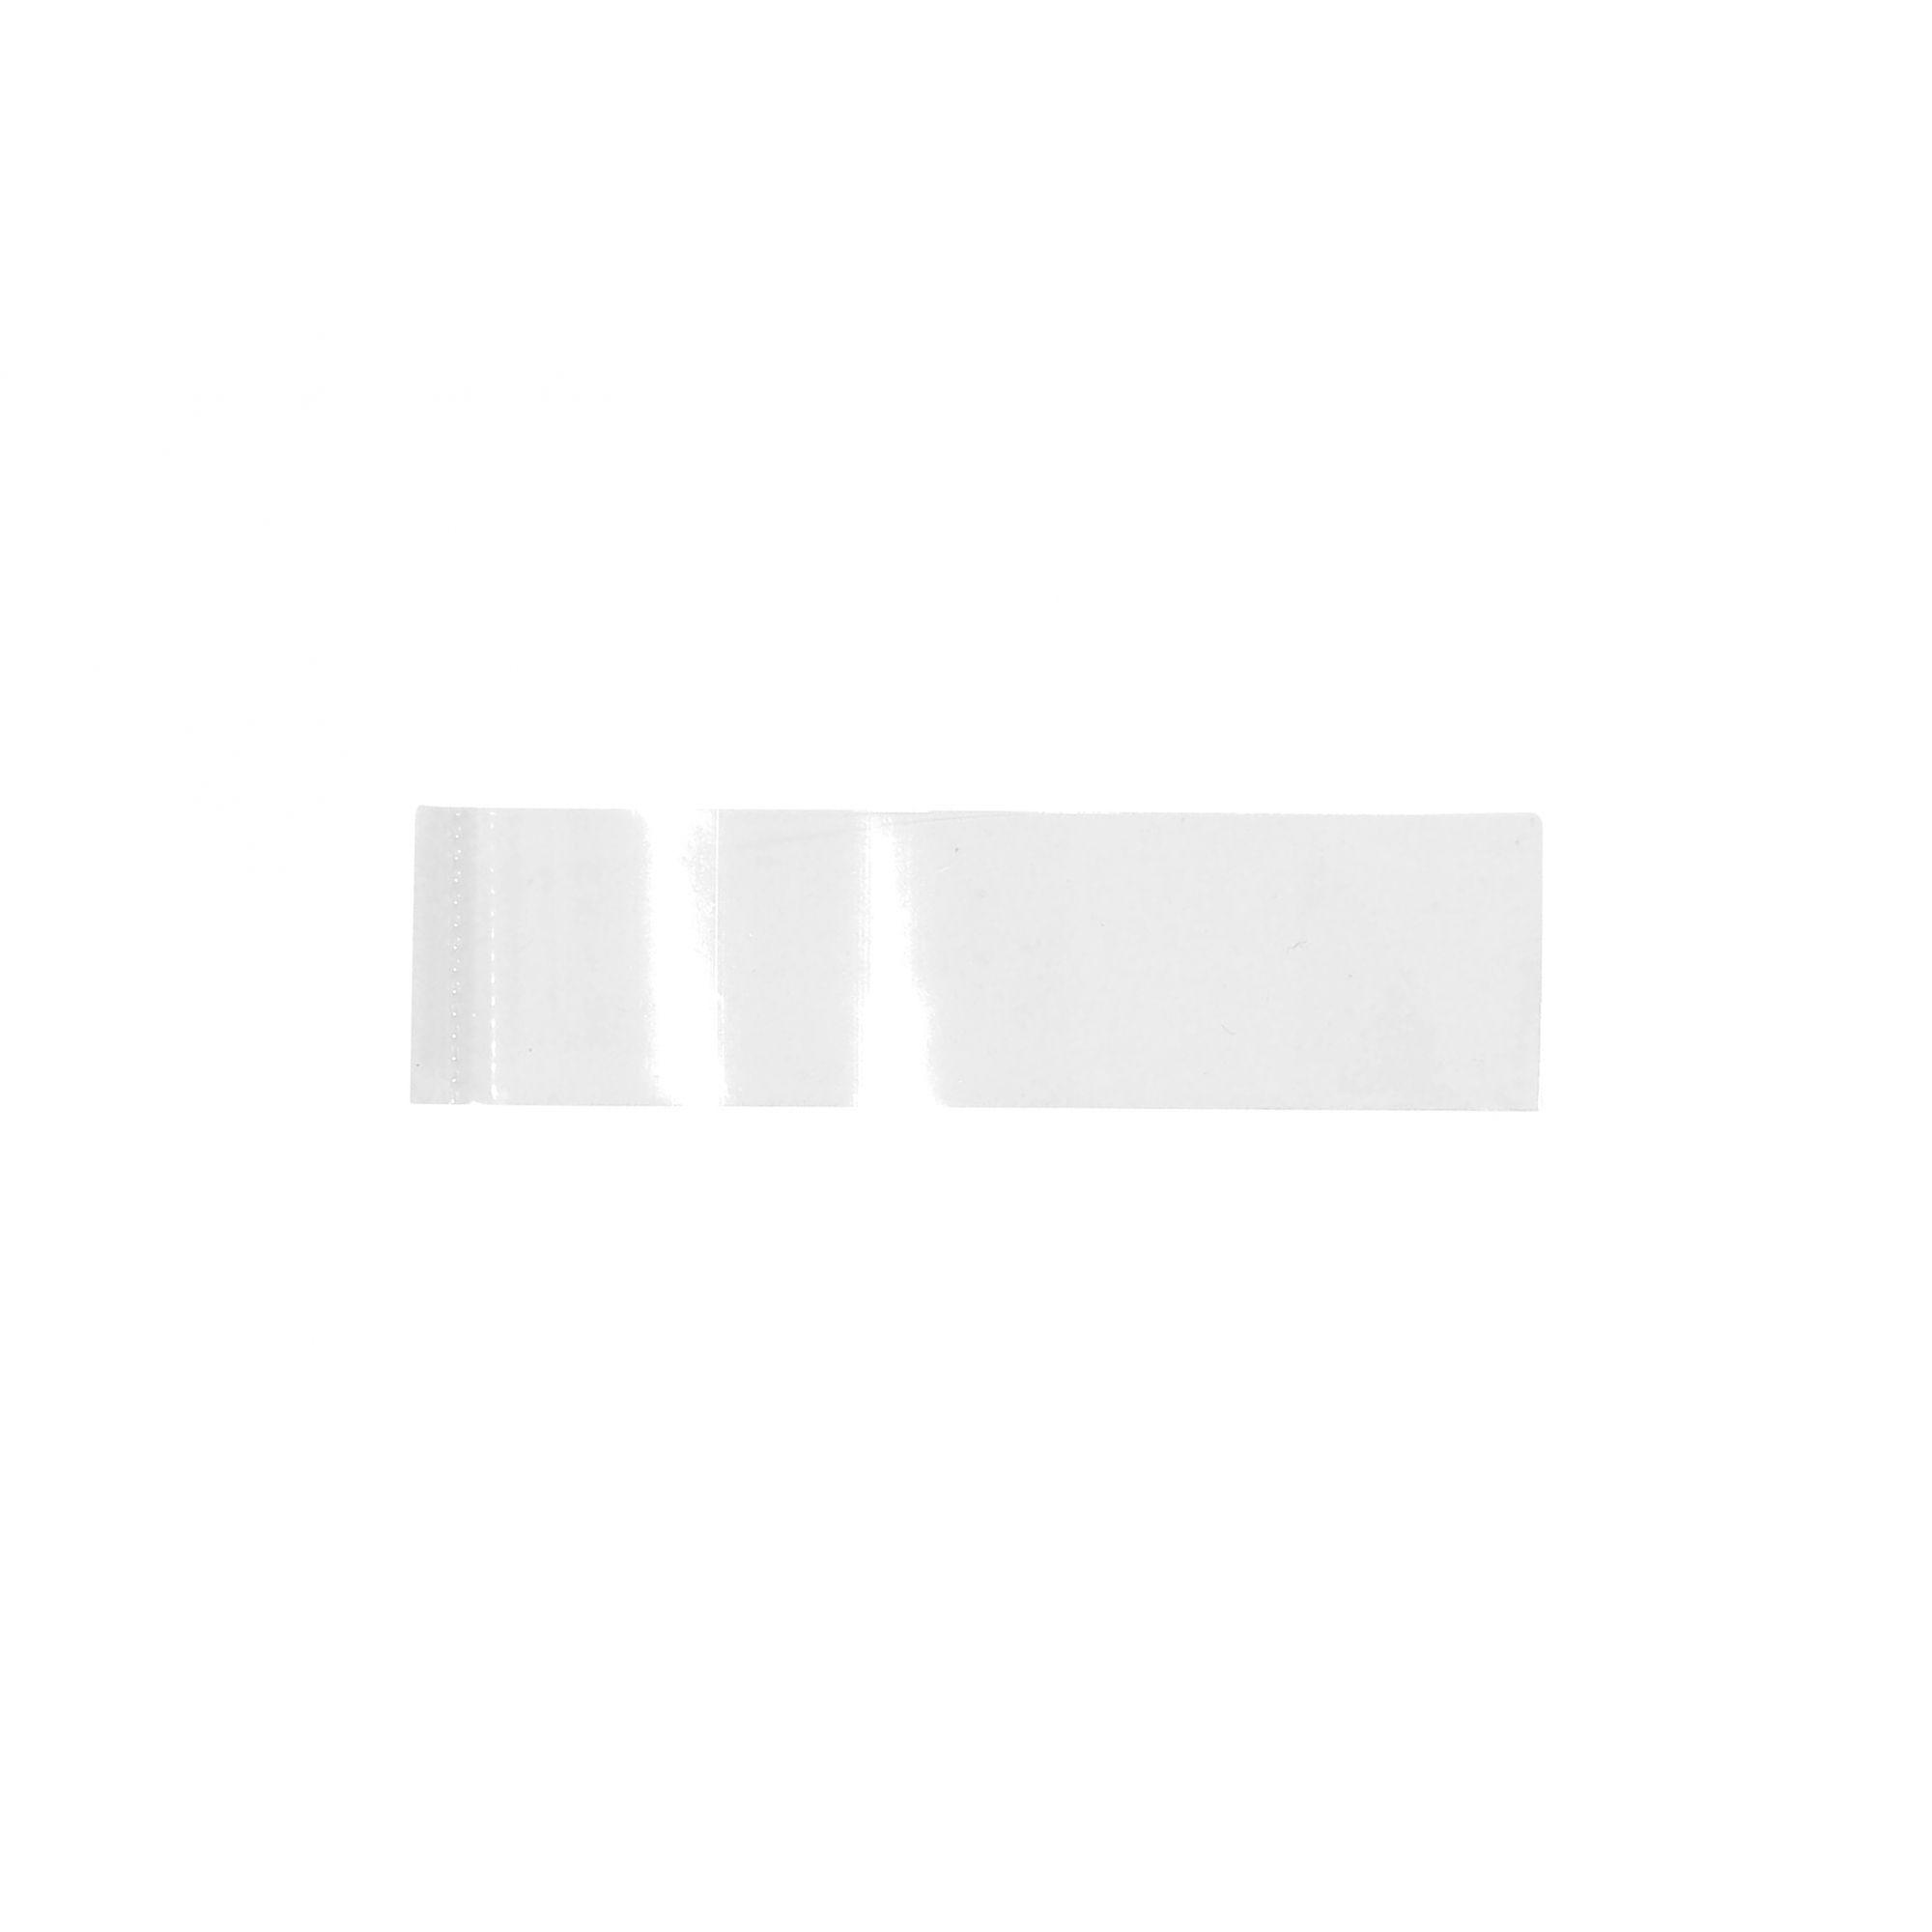 Lacre Termoencolhível 58mm Incolor - Kit com 500 Unidades